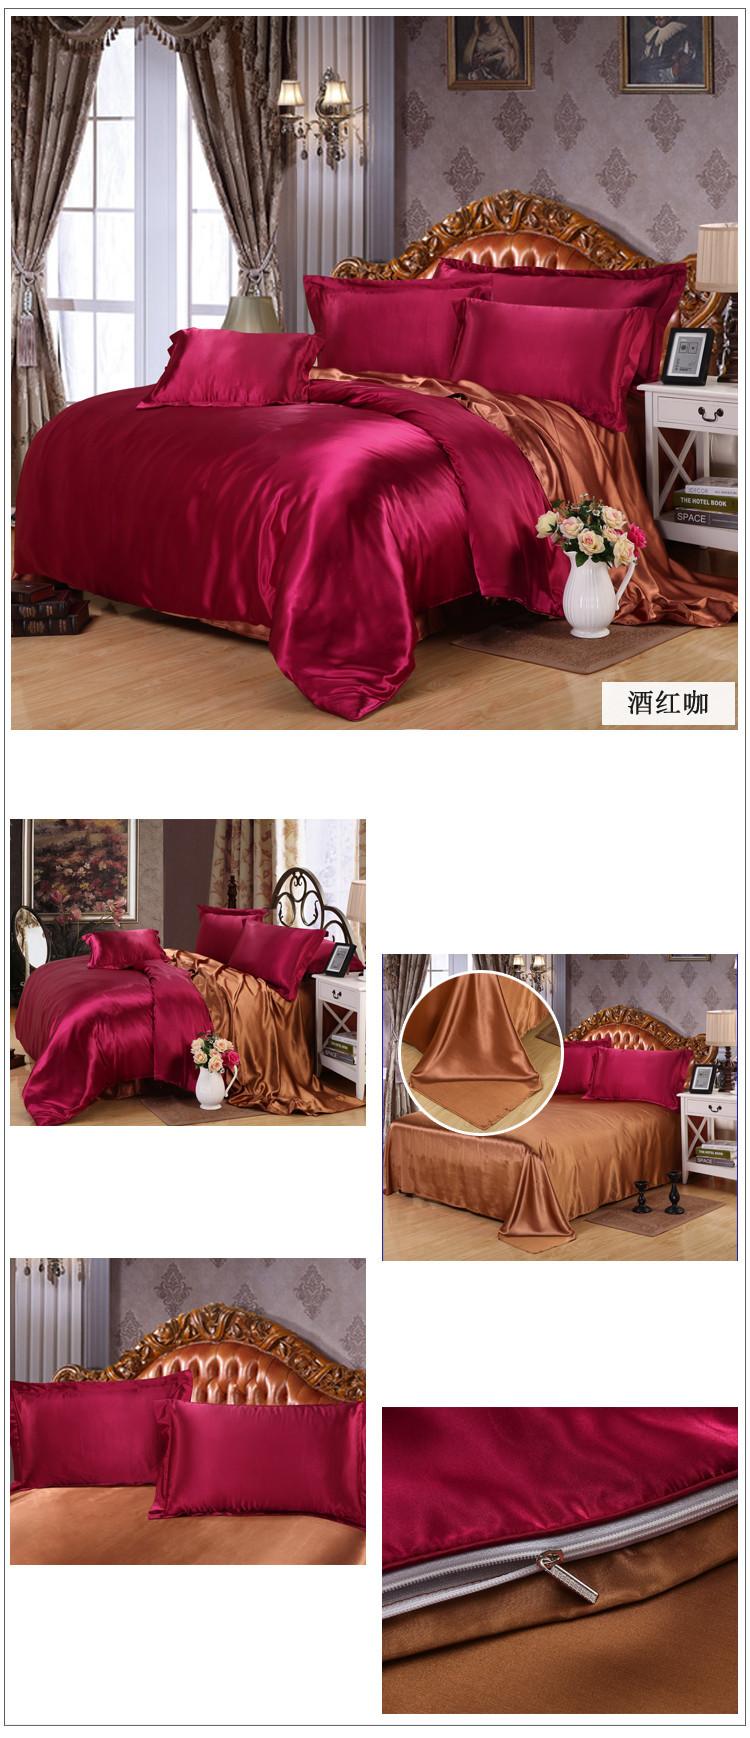 100% чистого шелка атласная постельные принадлежности,Текстиль для дома, кровать королевского размера набор,постельное белье,Пододеяльник плоский лист Наволочки оптом